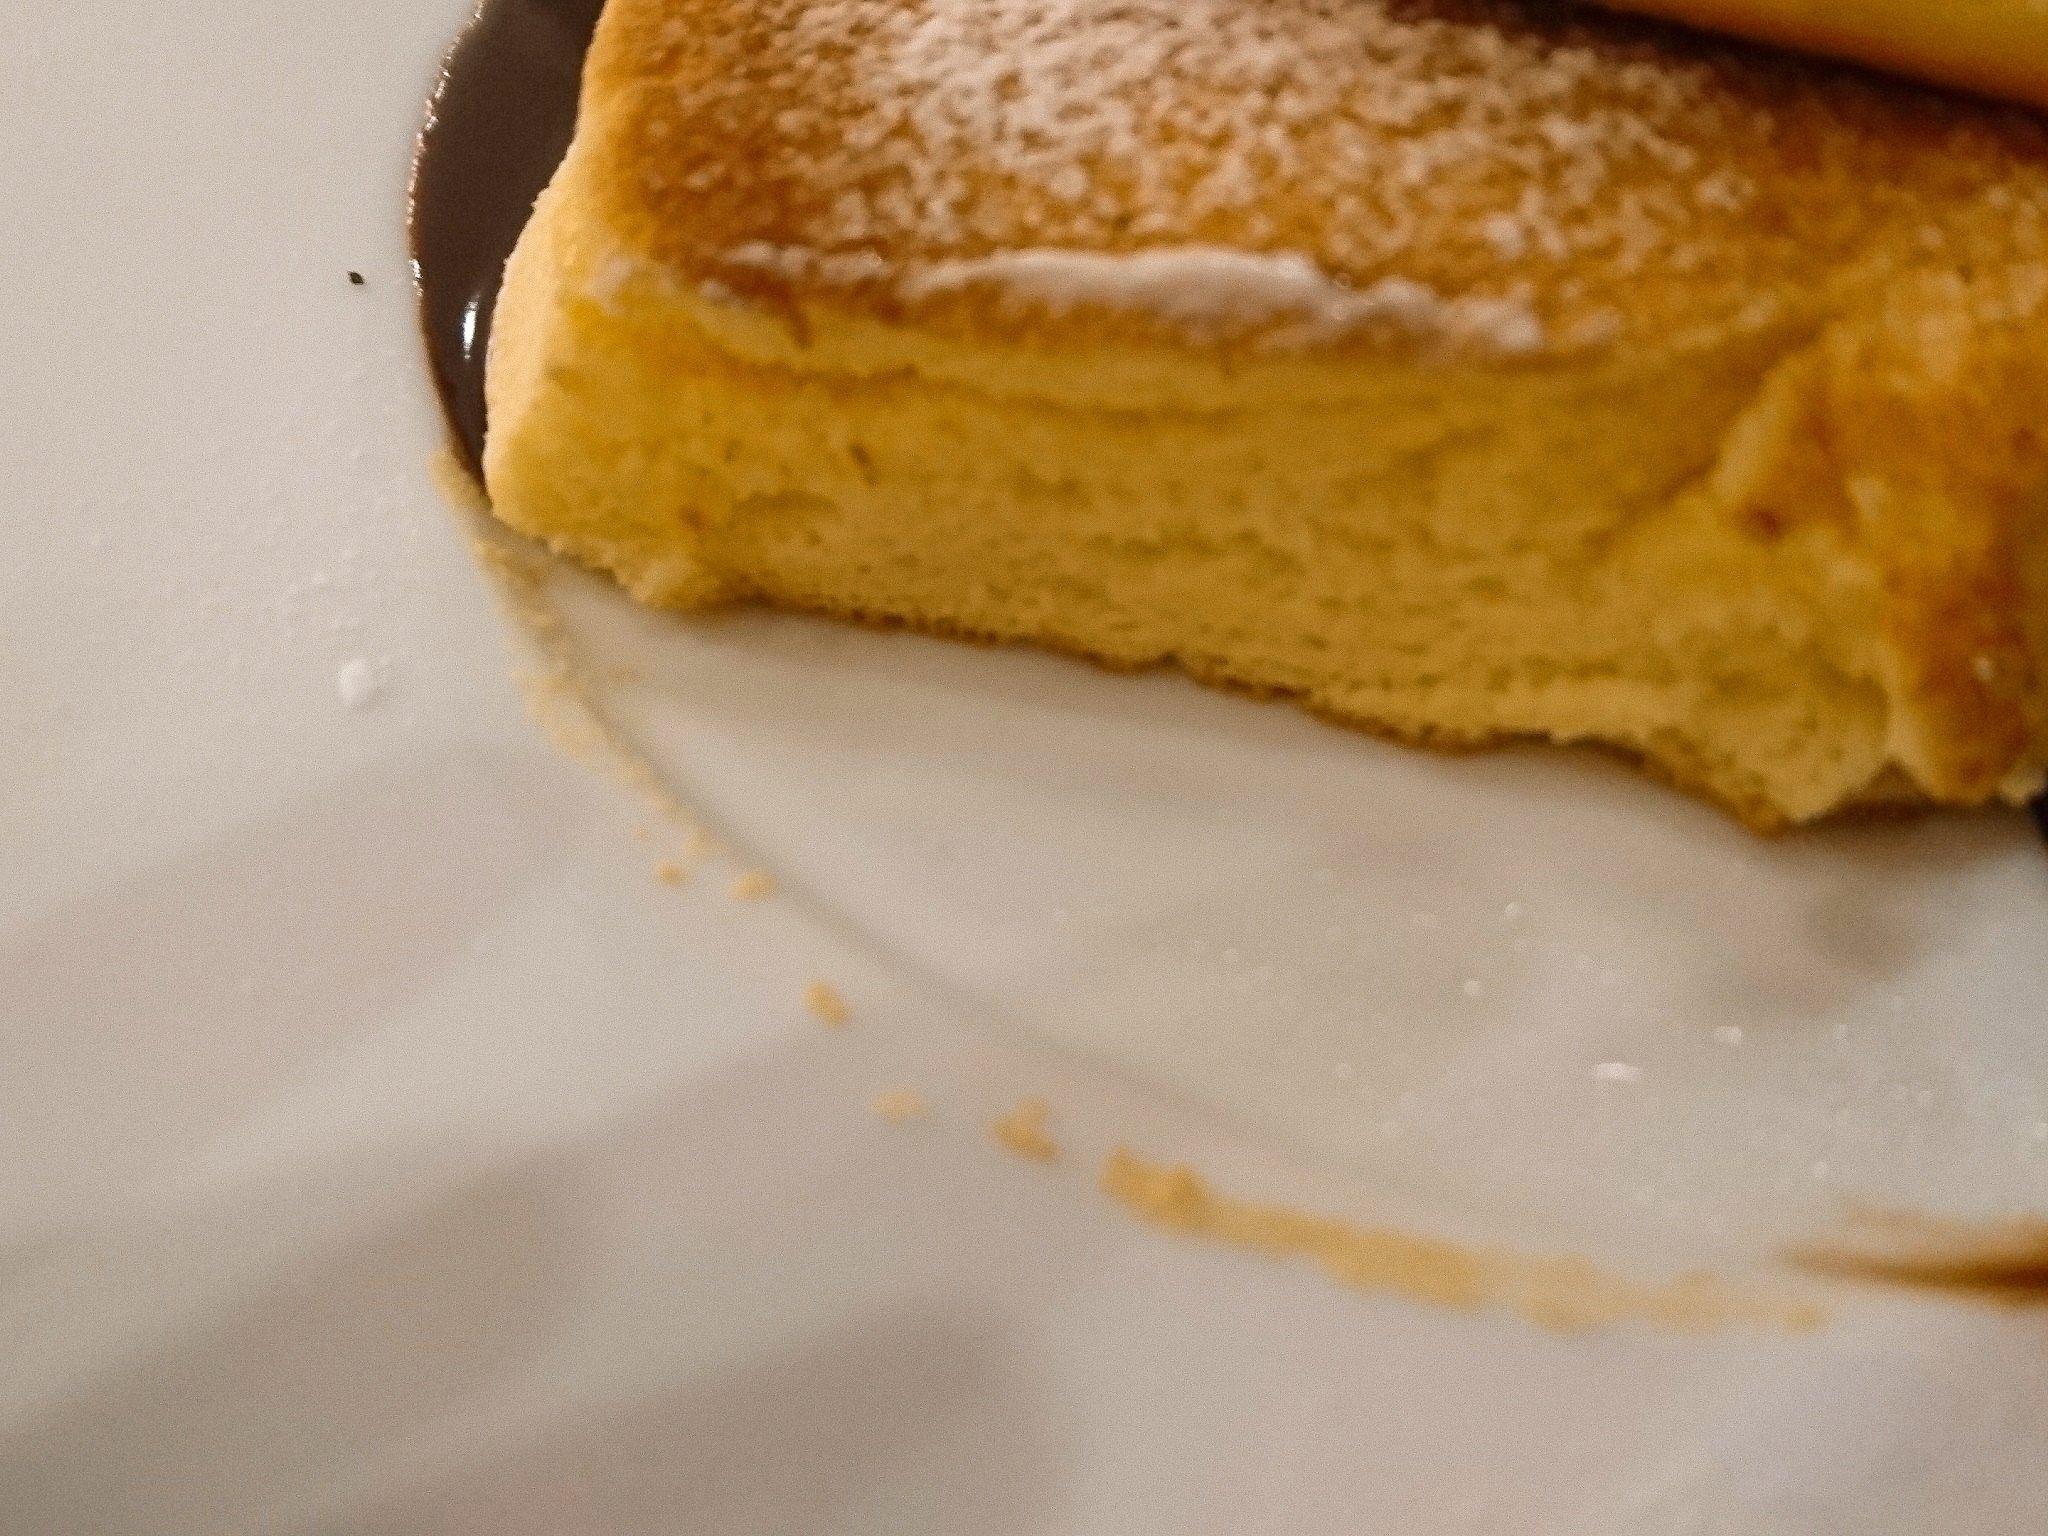 幸せのパンケーキ札幌店 パンケーキ断面